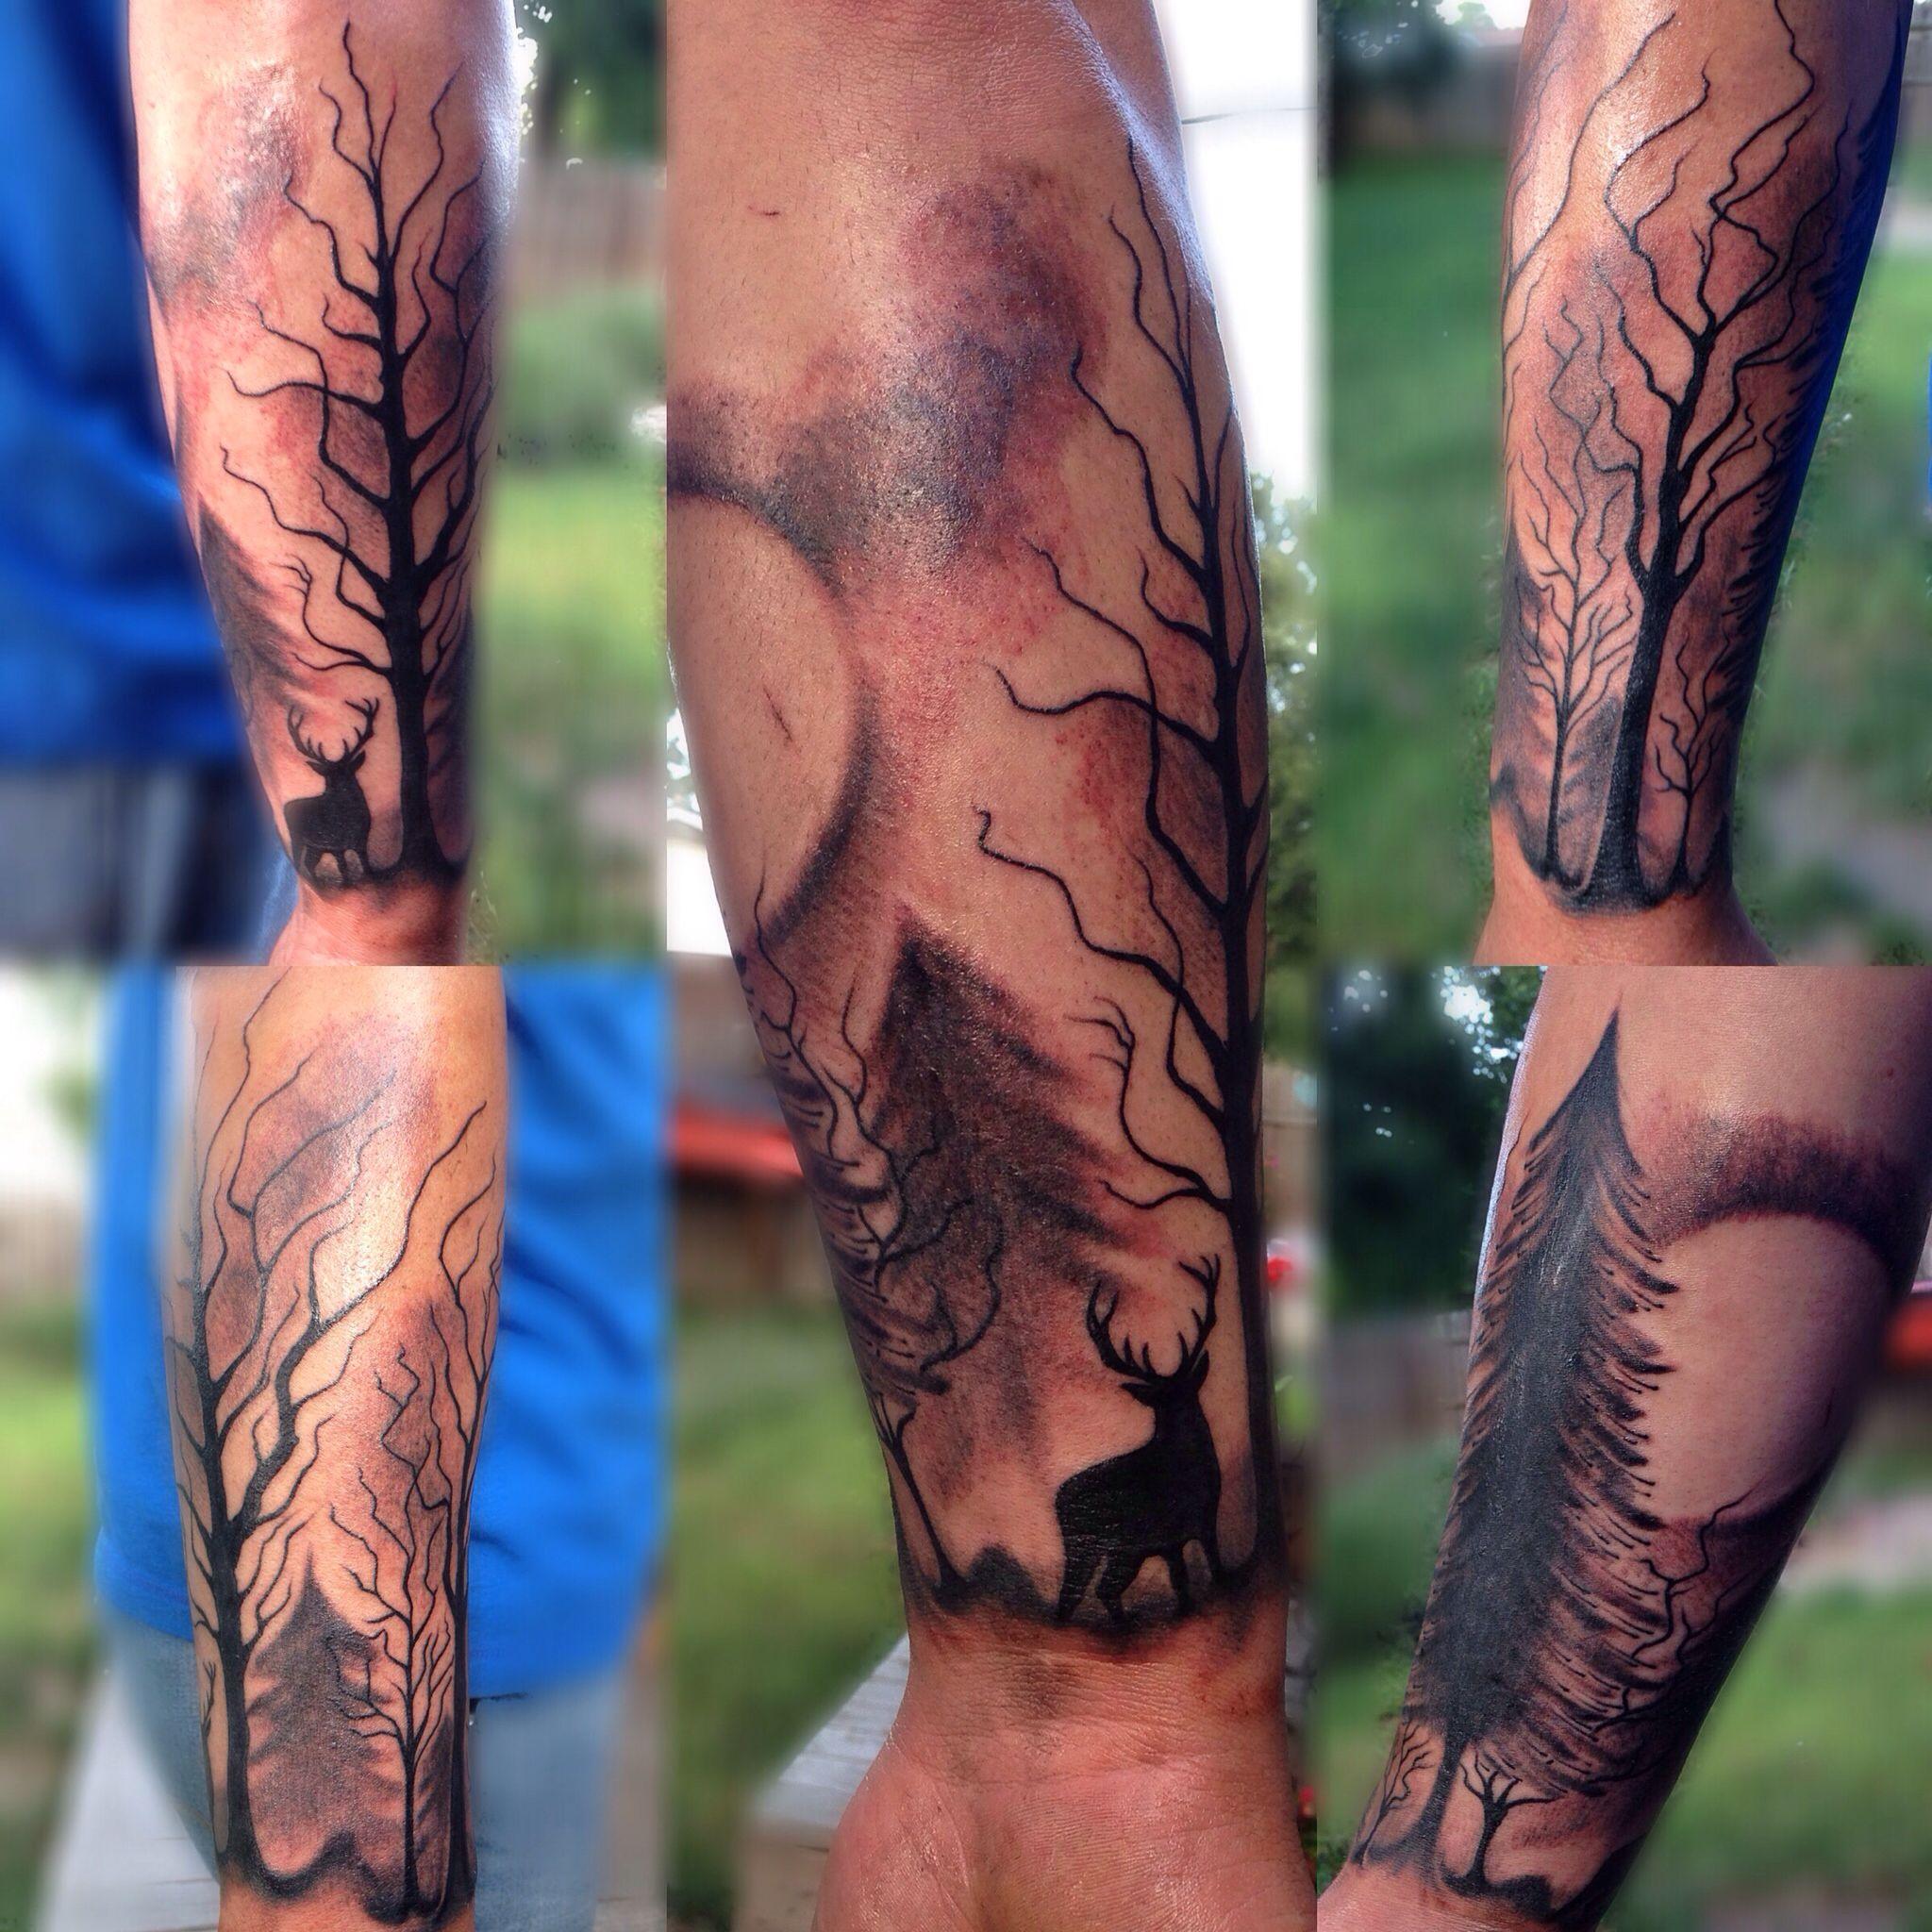 Tattoo Forest Trees Deer Arm Half Sleeve Scenery Silhouette Forest Tattoo Sleeve Tree Sleeve Tattoo Silhouette Tattoos